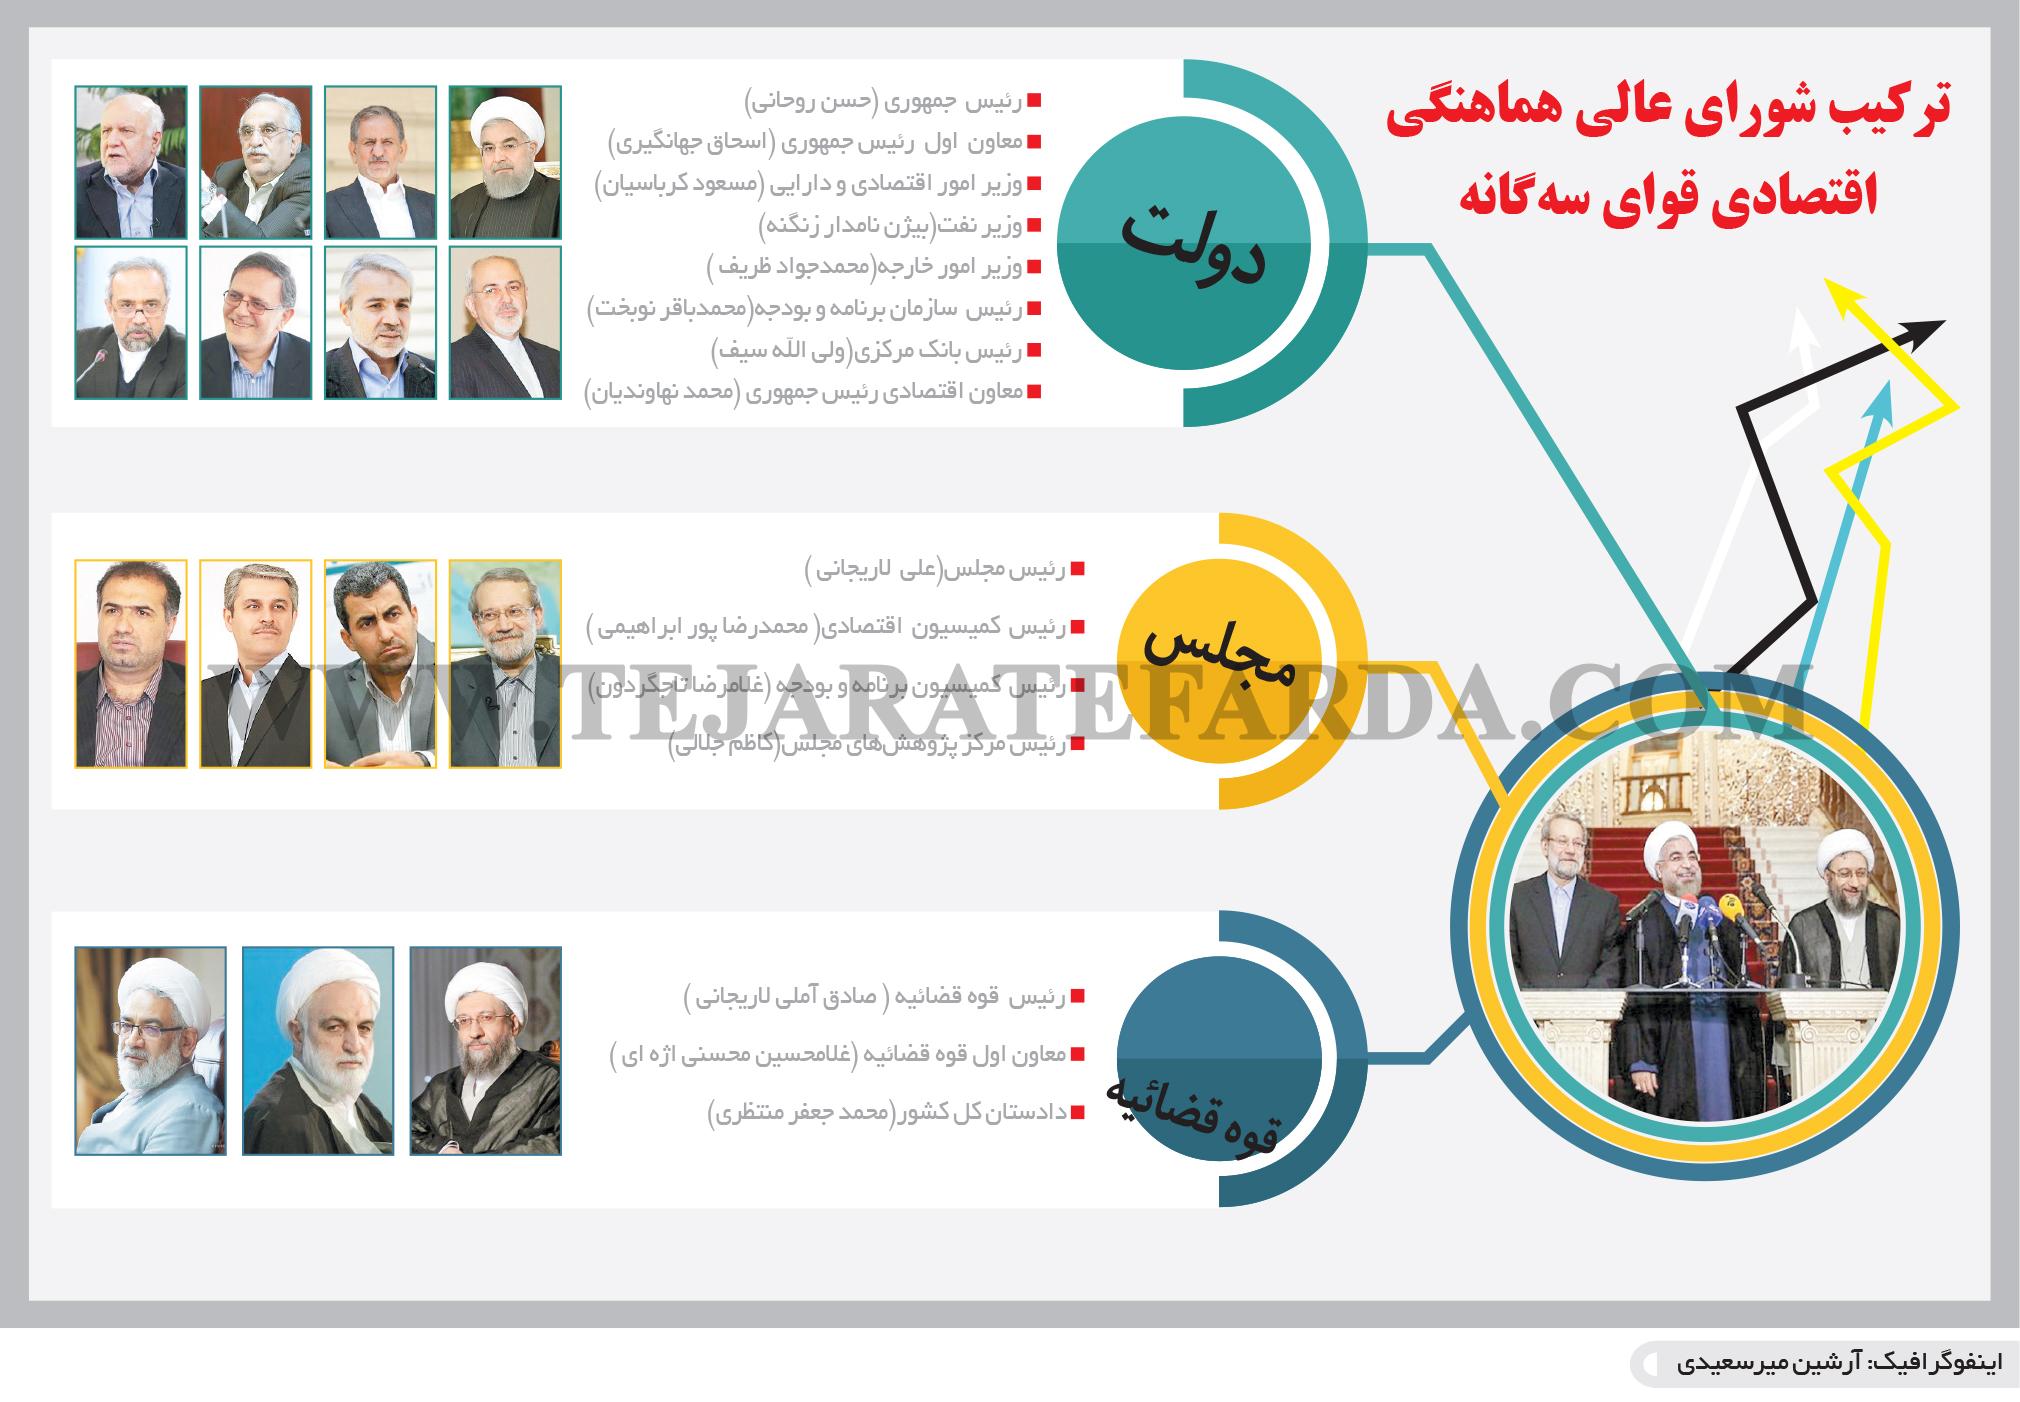 تجارت فردا- اینفوگرافیک- ترکیب شورای عالی هماهنگی اقتصادی قوای سهگانه